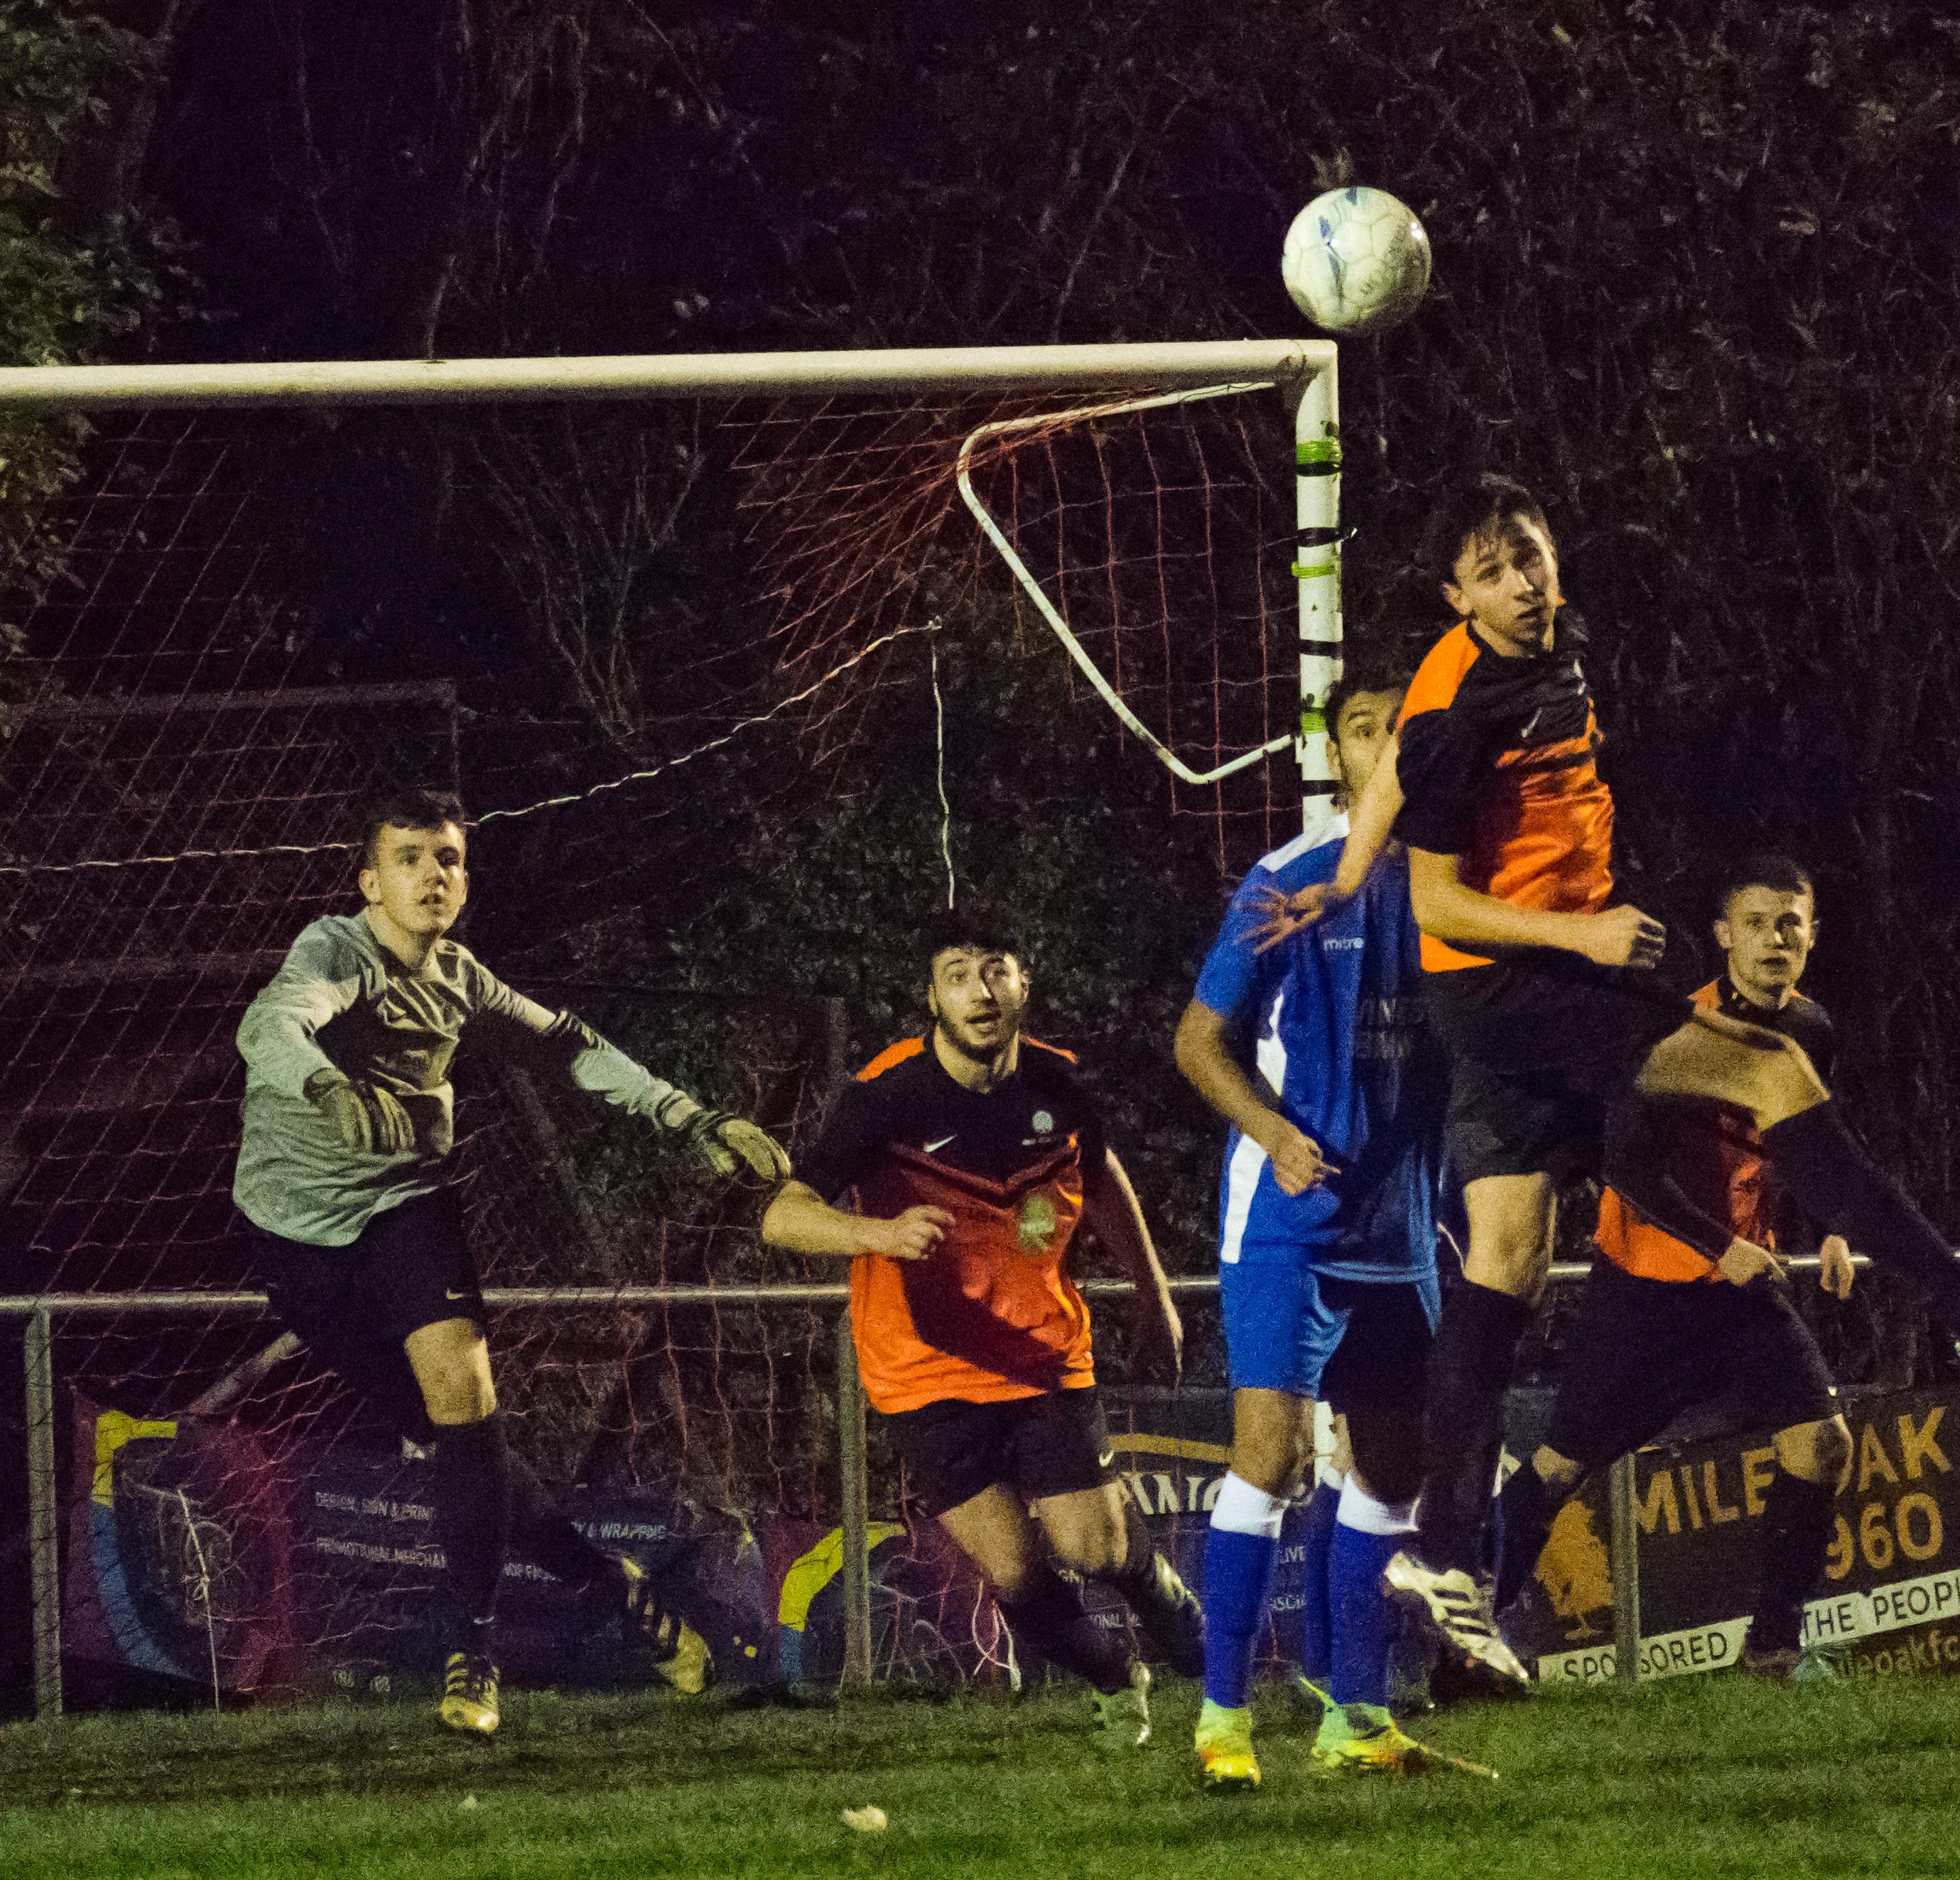 Mile Oak U21s vs Three Bridges U21s 09.11.17 04